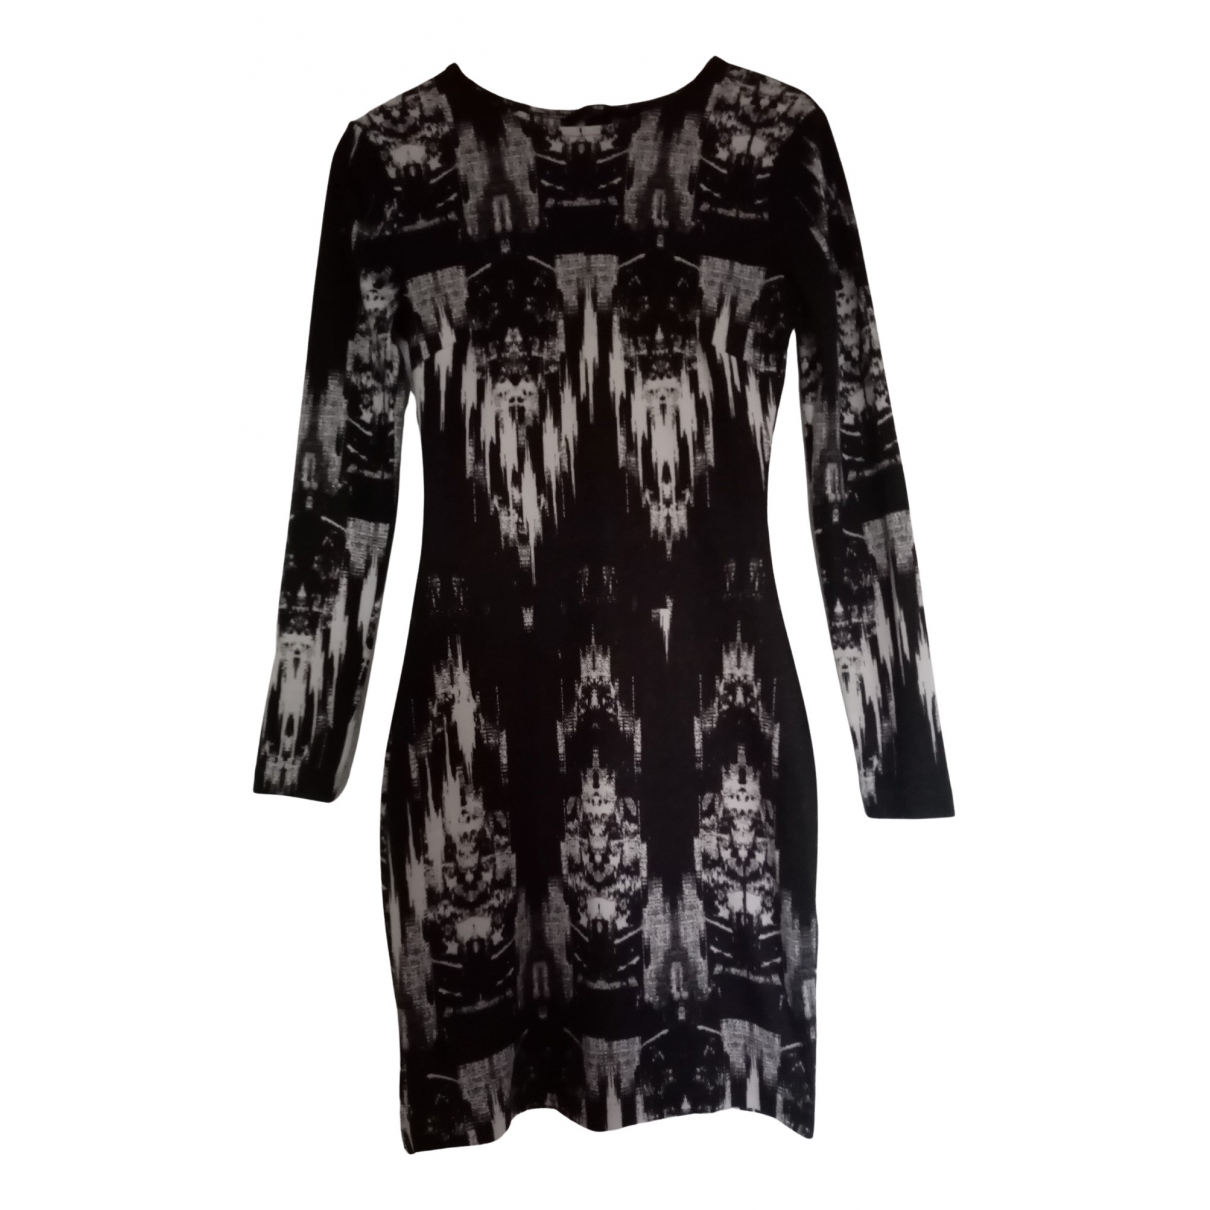 H&m Studio - Robe   pour femme - noir